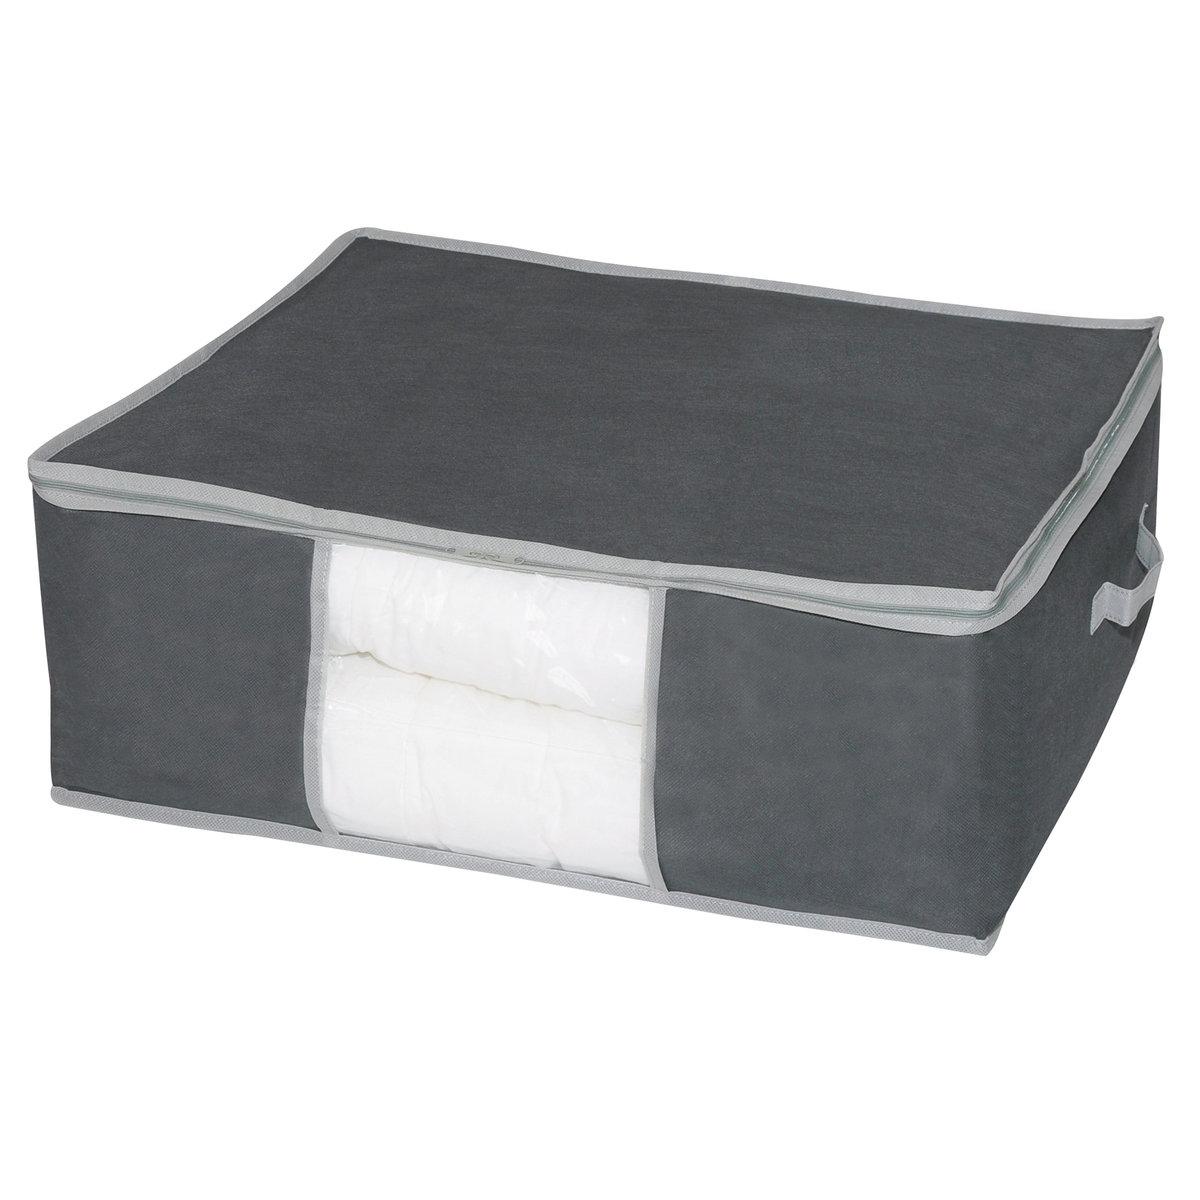 Чехол защитный из нетканого материала для хранения одеял и пледов